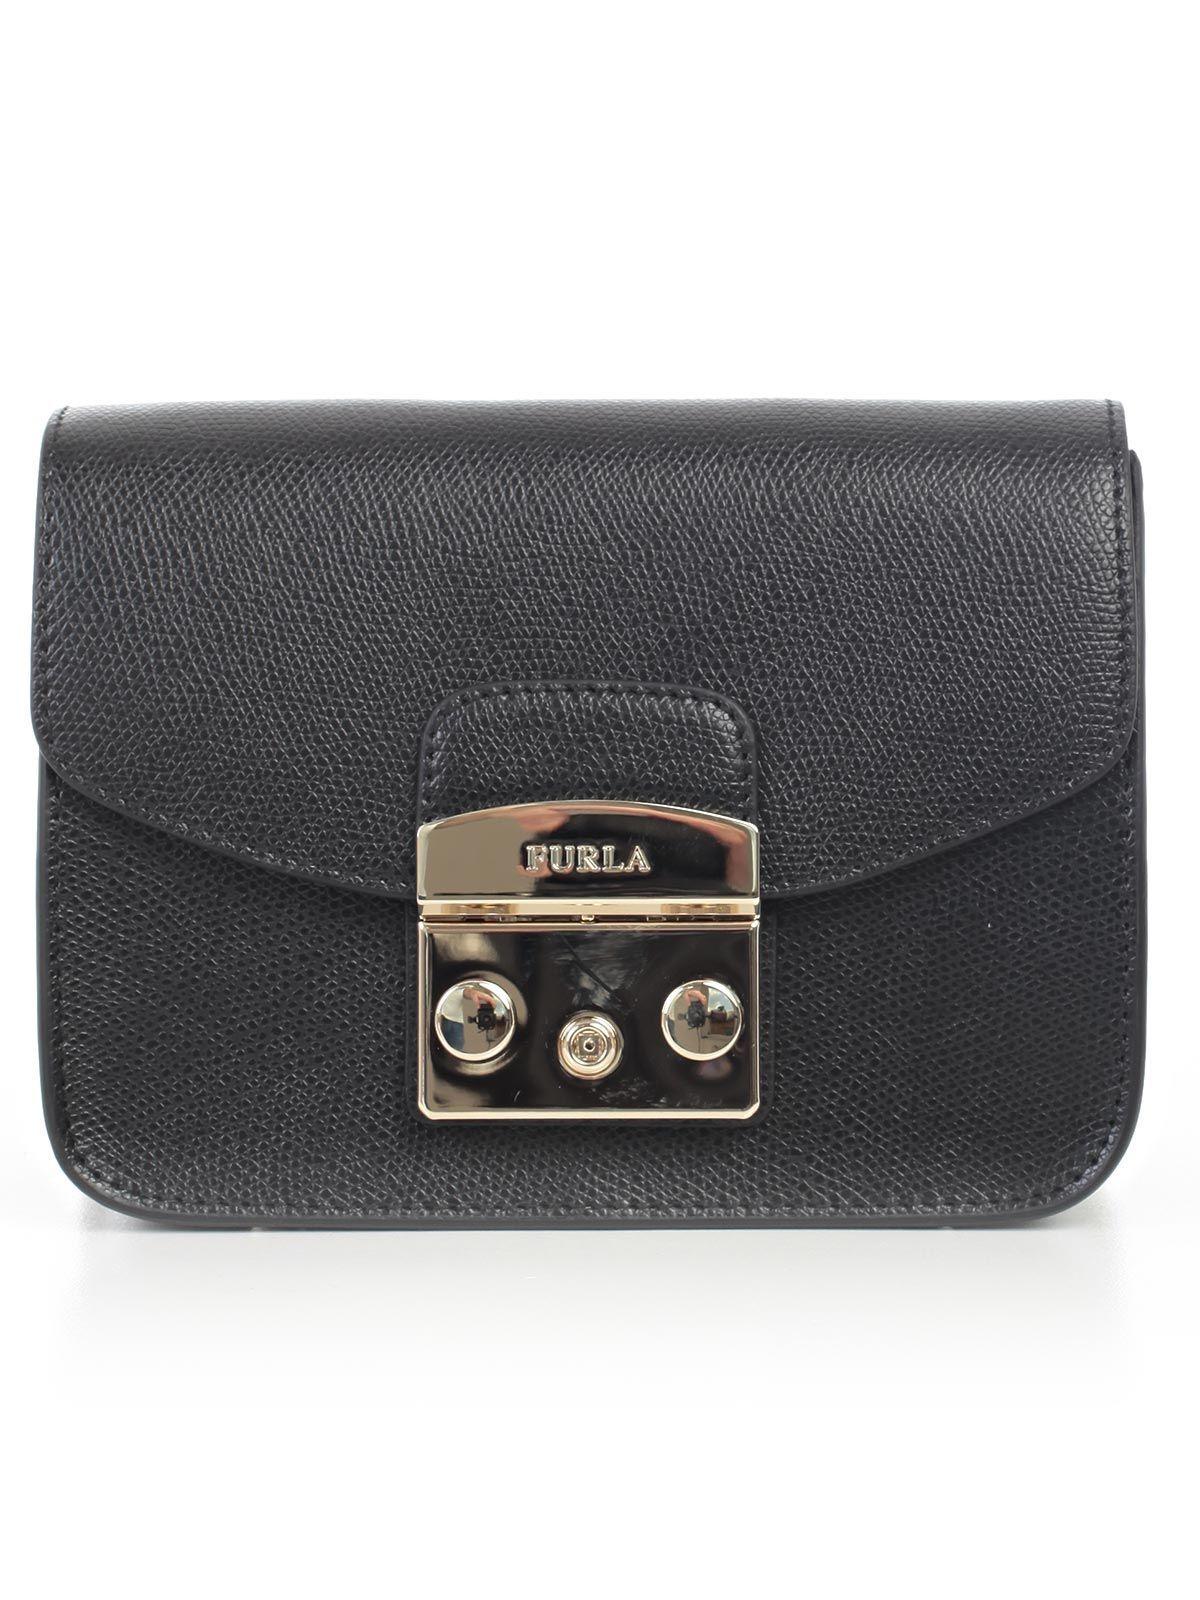 002abcbfd5 FURLA SHOULDER BAG.  furla  bags  shoulder bags  leather